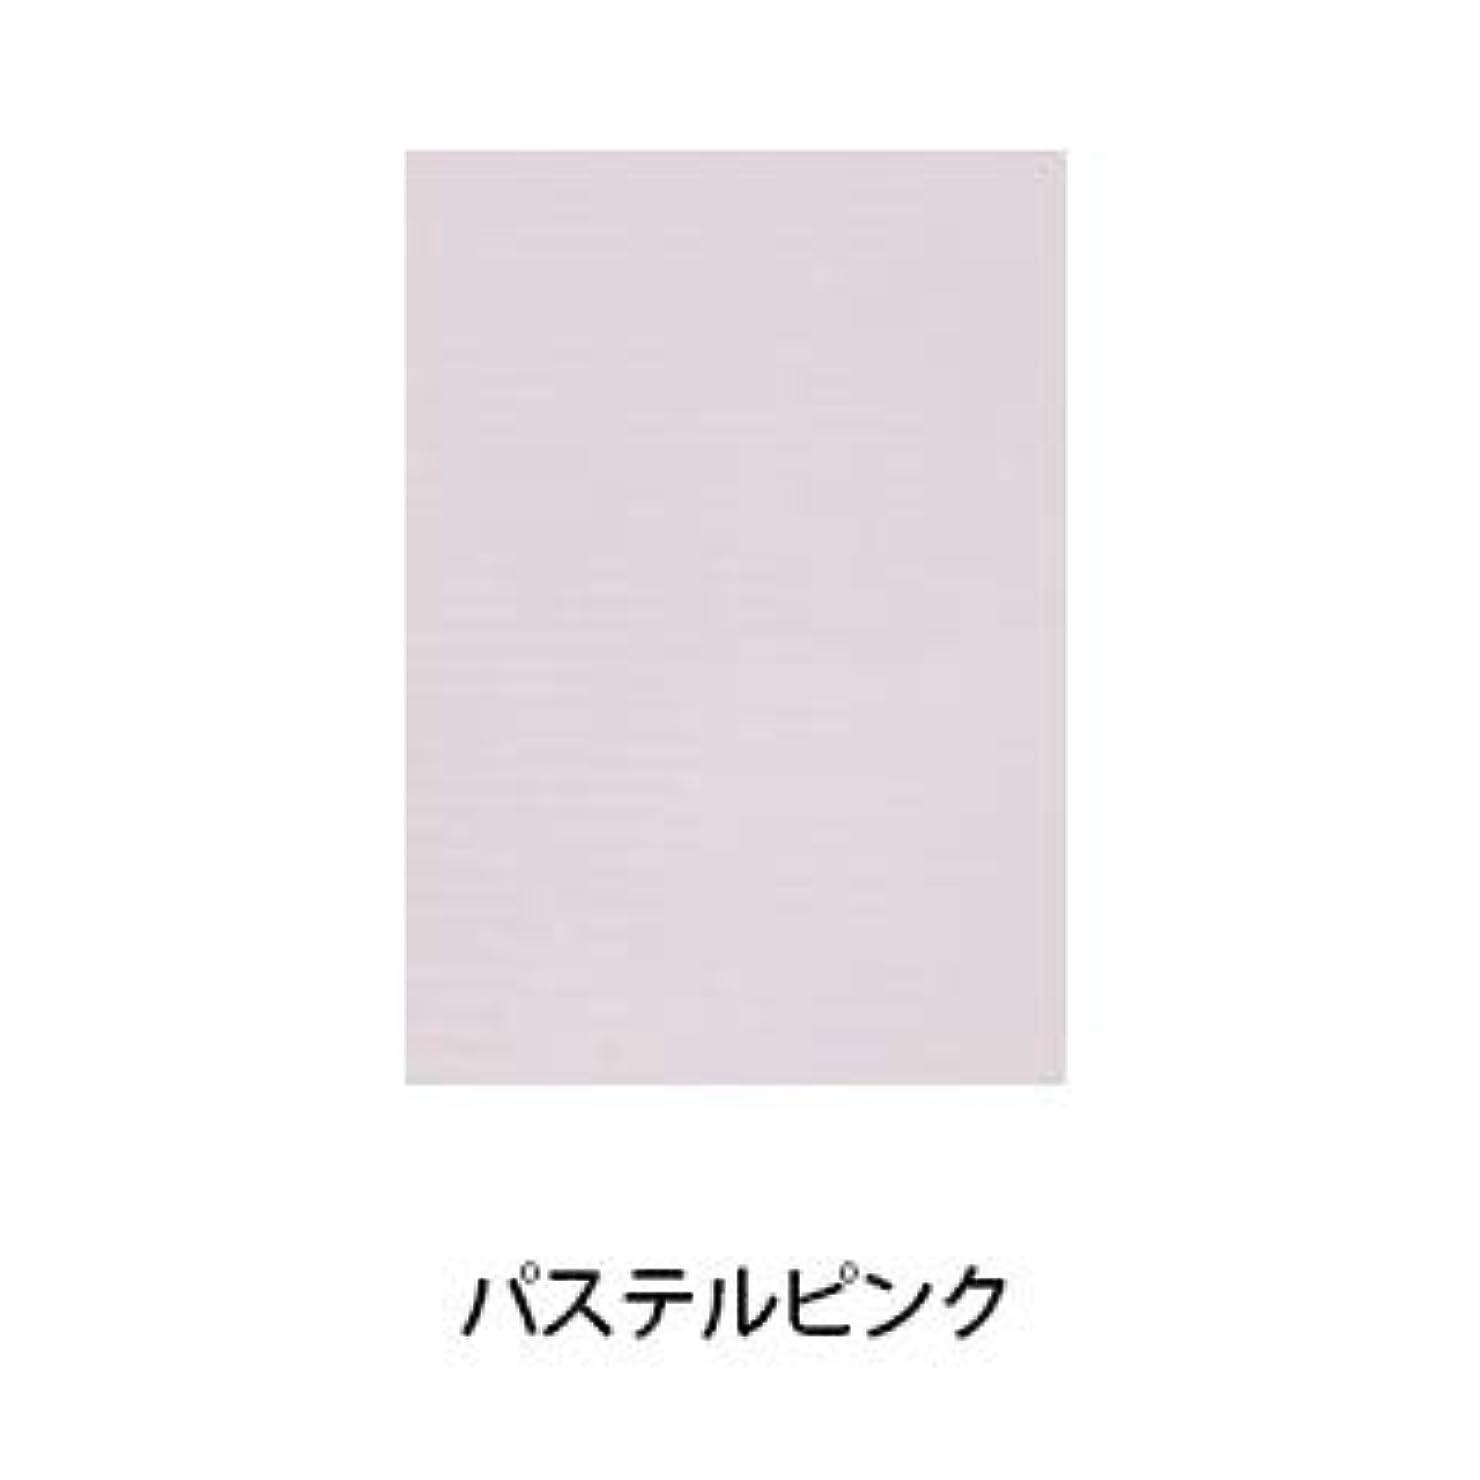 不定固める病者【パステルシリーズ】100枚入り ネイルシート ペーパークロス (パステルピンク)